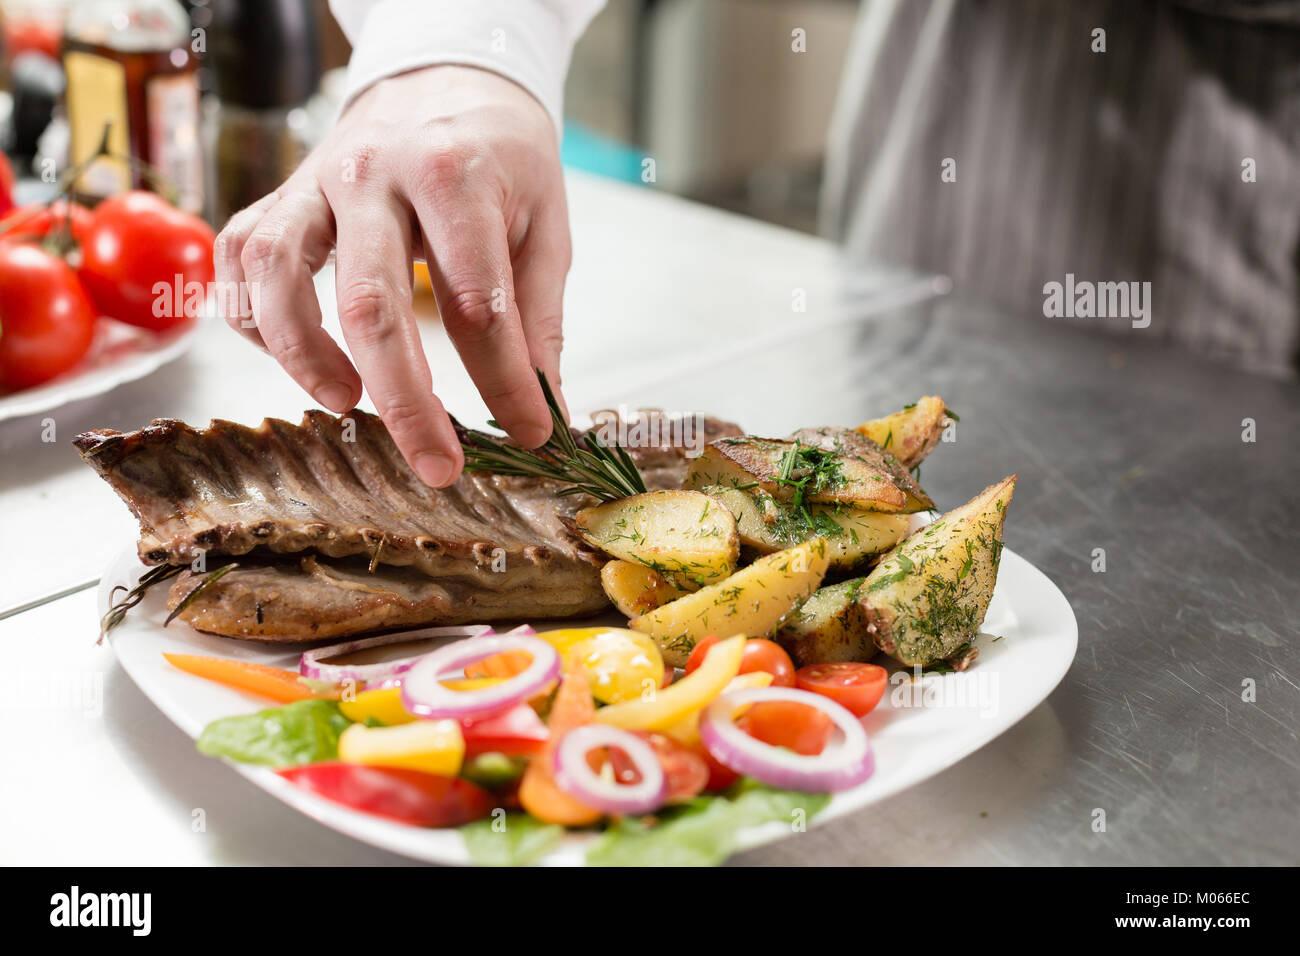 Le chef prépare dans le restaurant. Carré d'agneau grillé avec des pommes de terre sautées Photo Stock